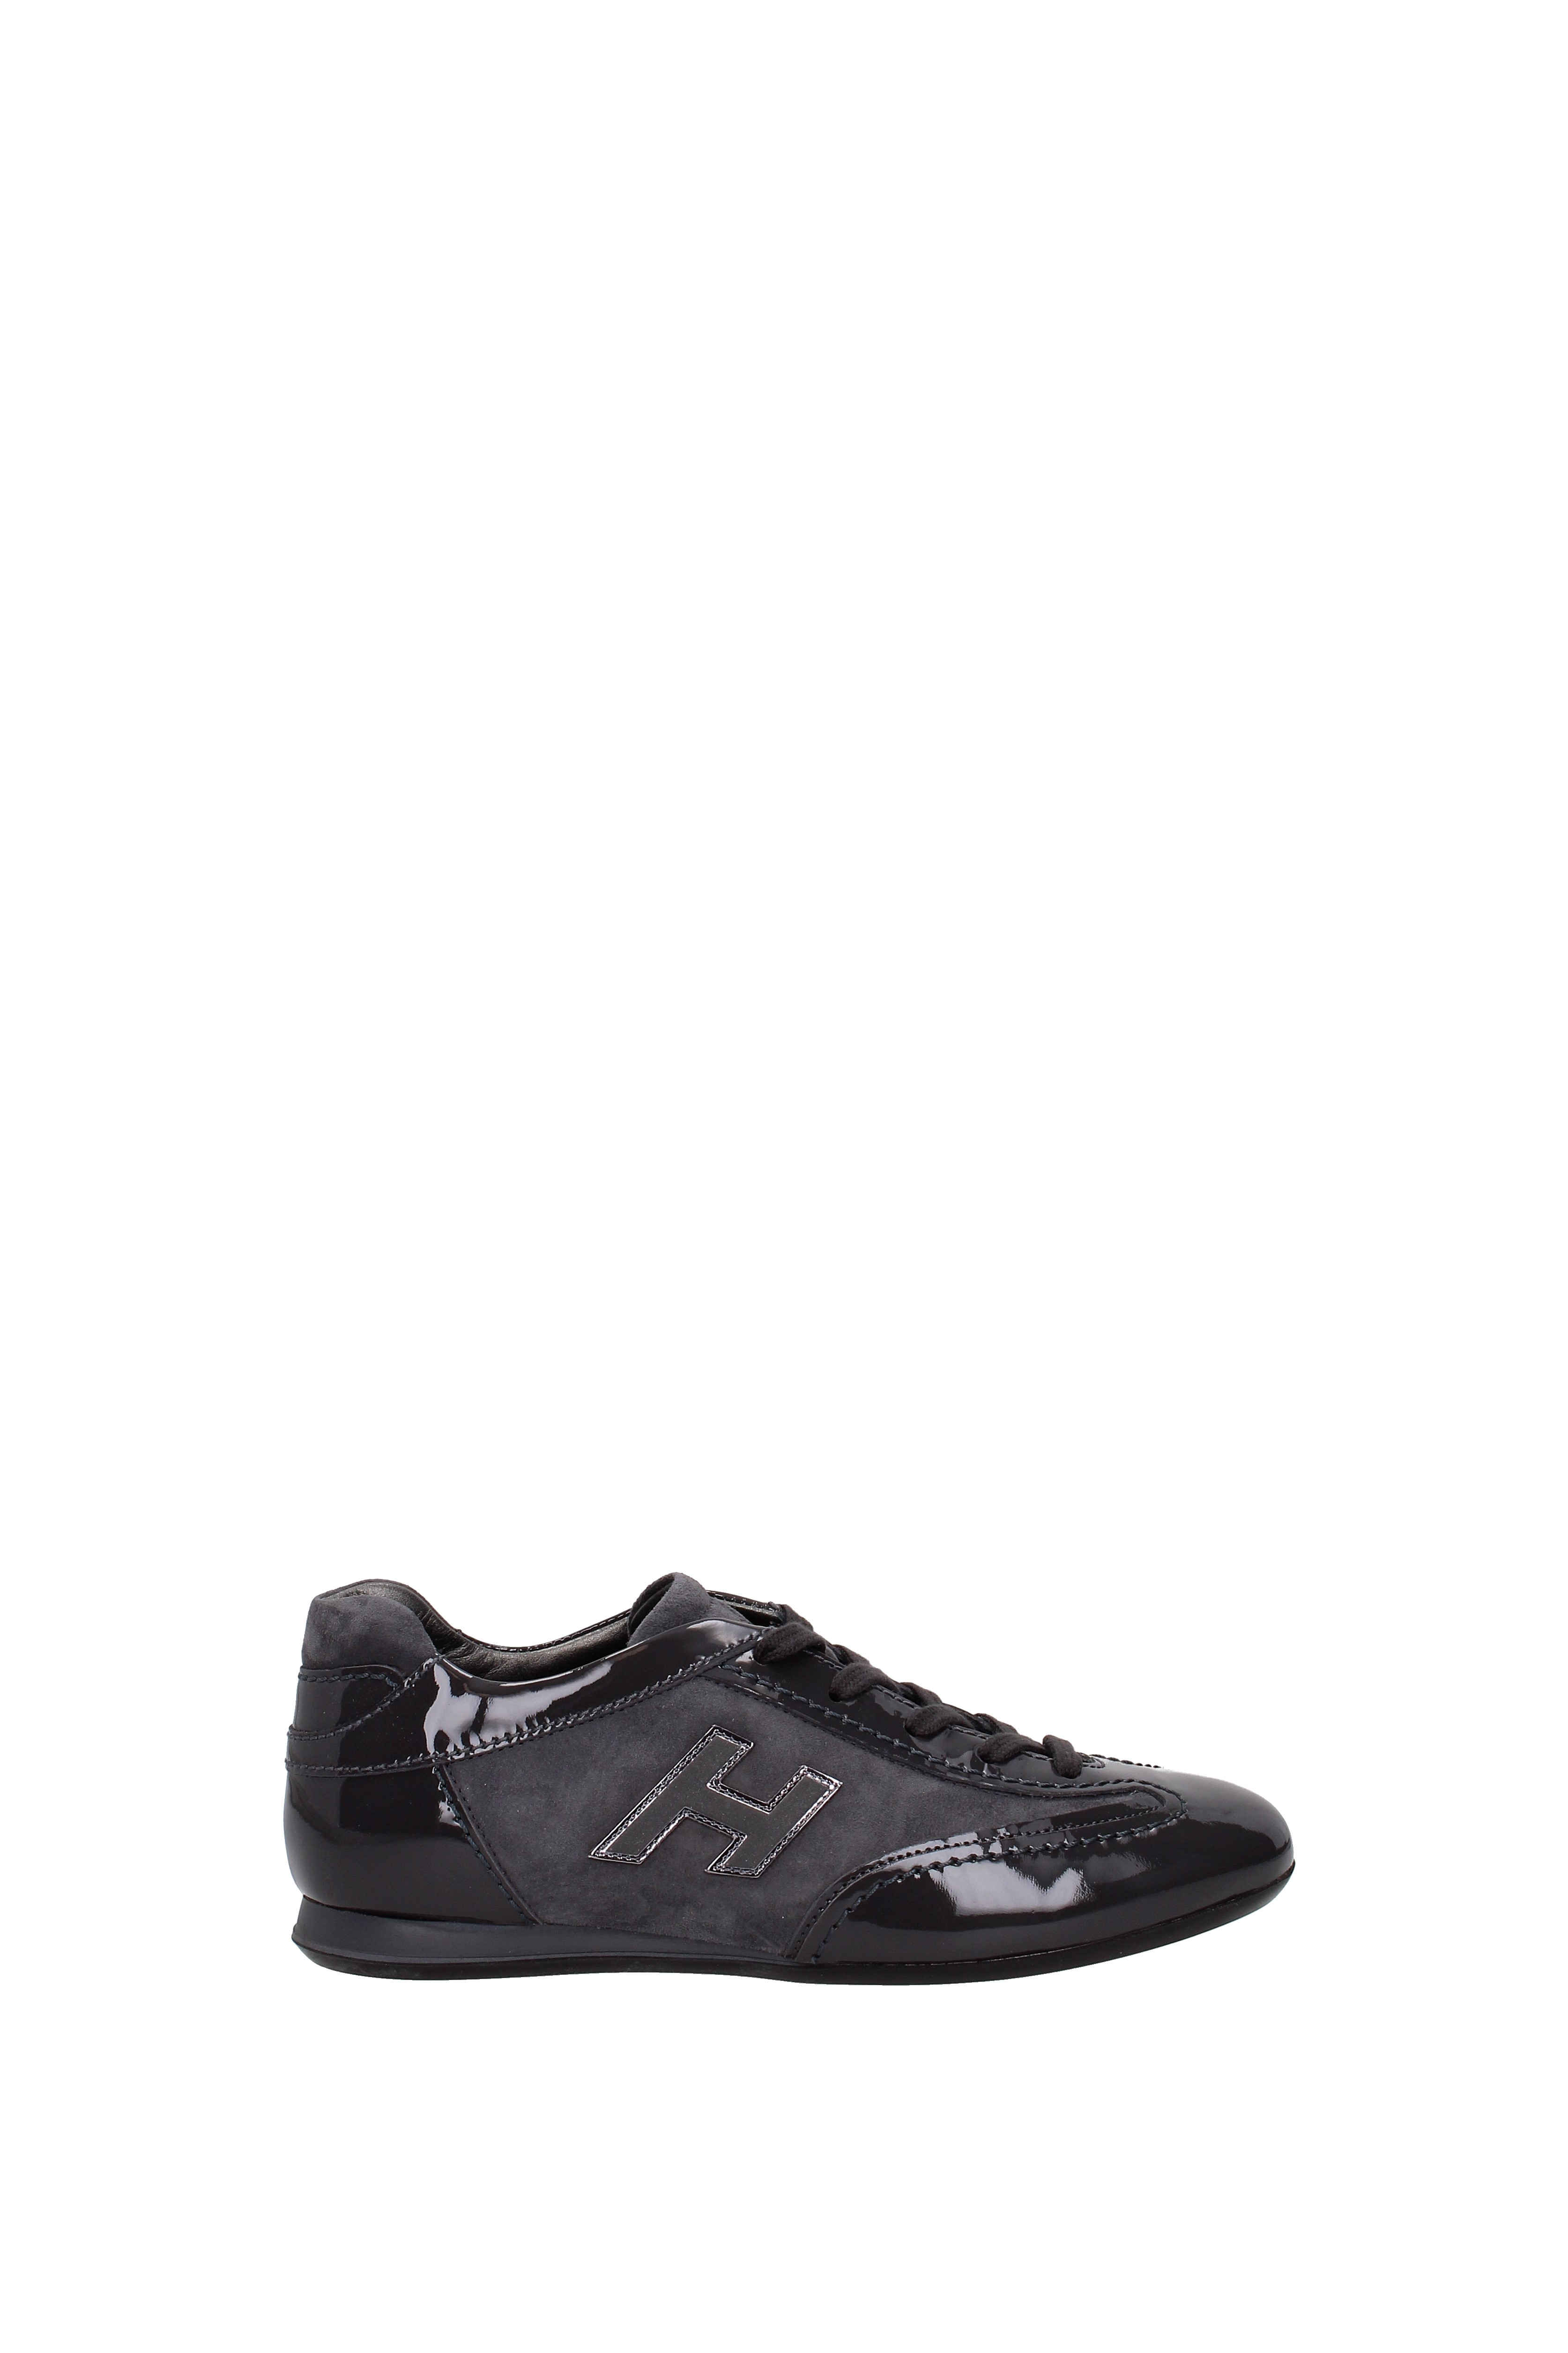 Sneakers Hogan Damen - - Damen Wildleder (HXW05701687IU3) d8cc33